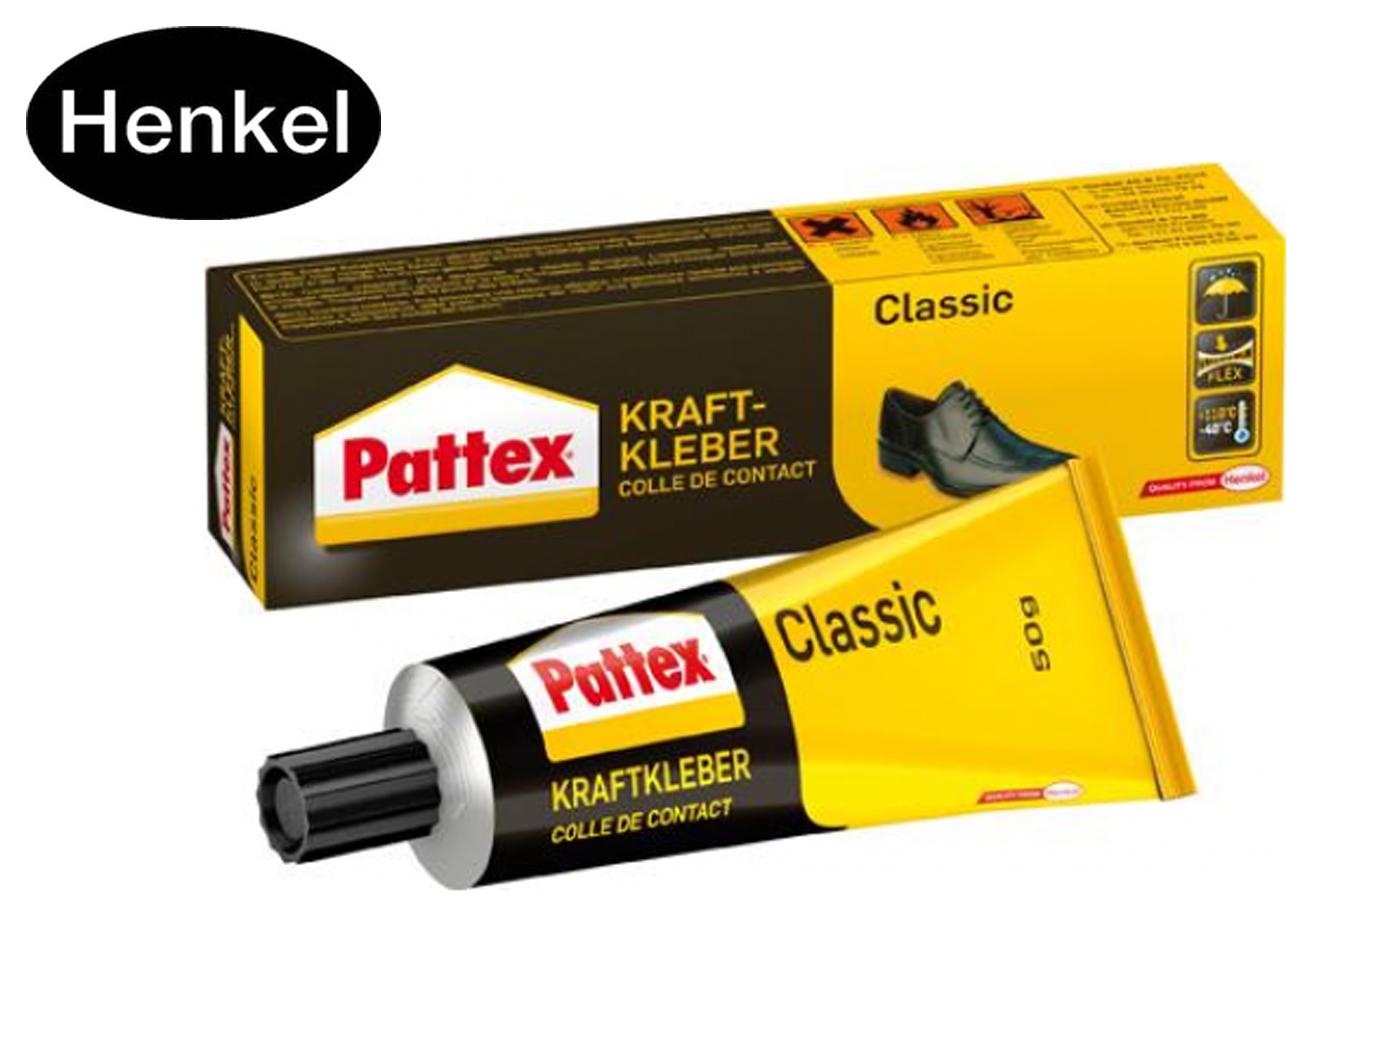 Pattex lijm PCL3C 110 graden   DKMTools - DKM Tools